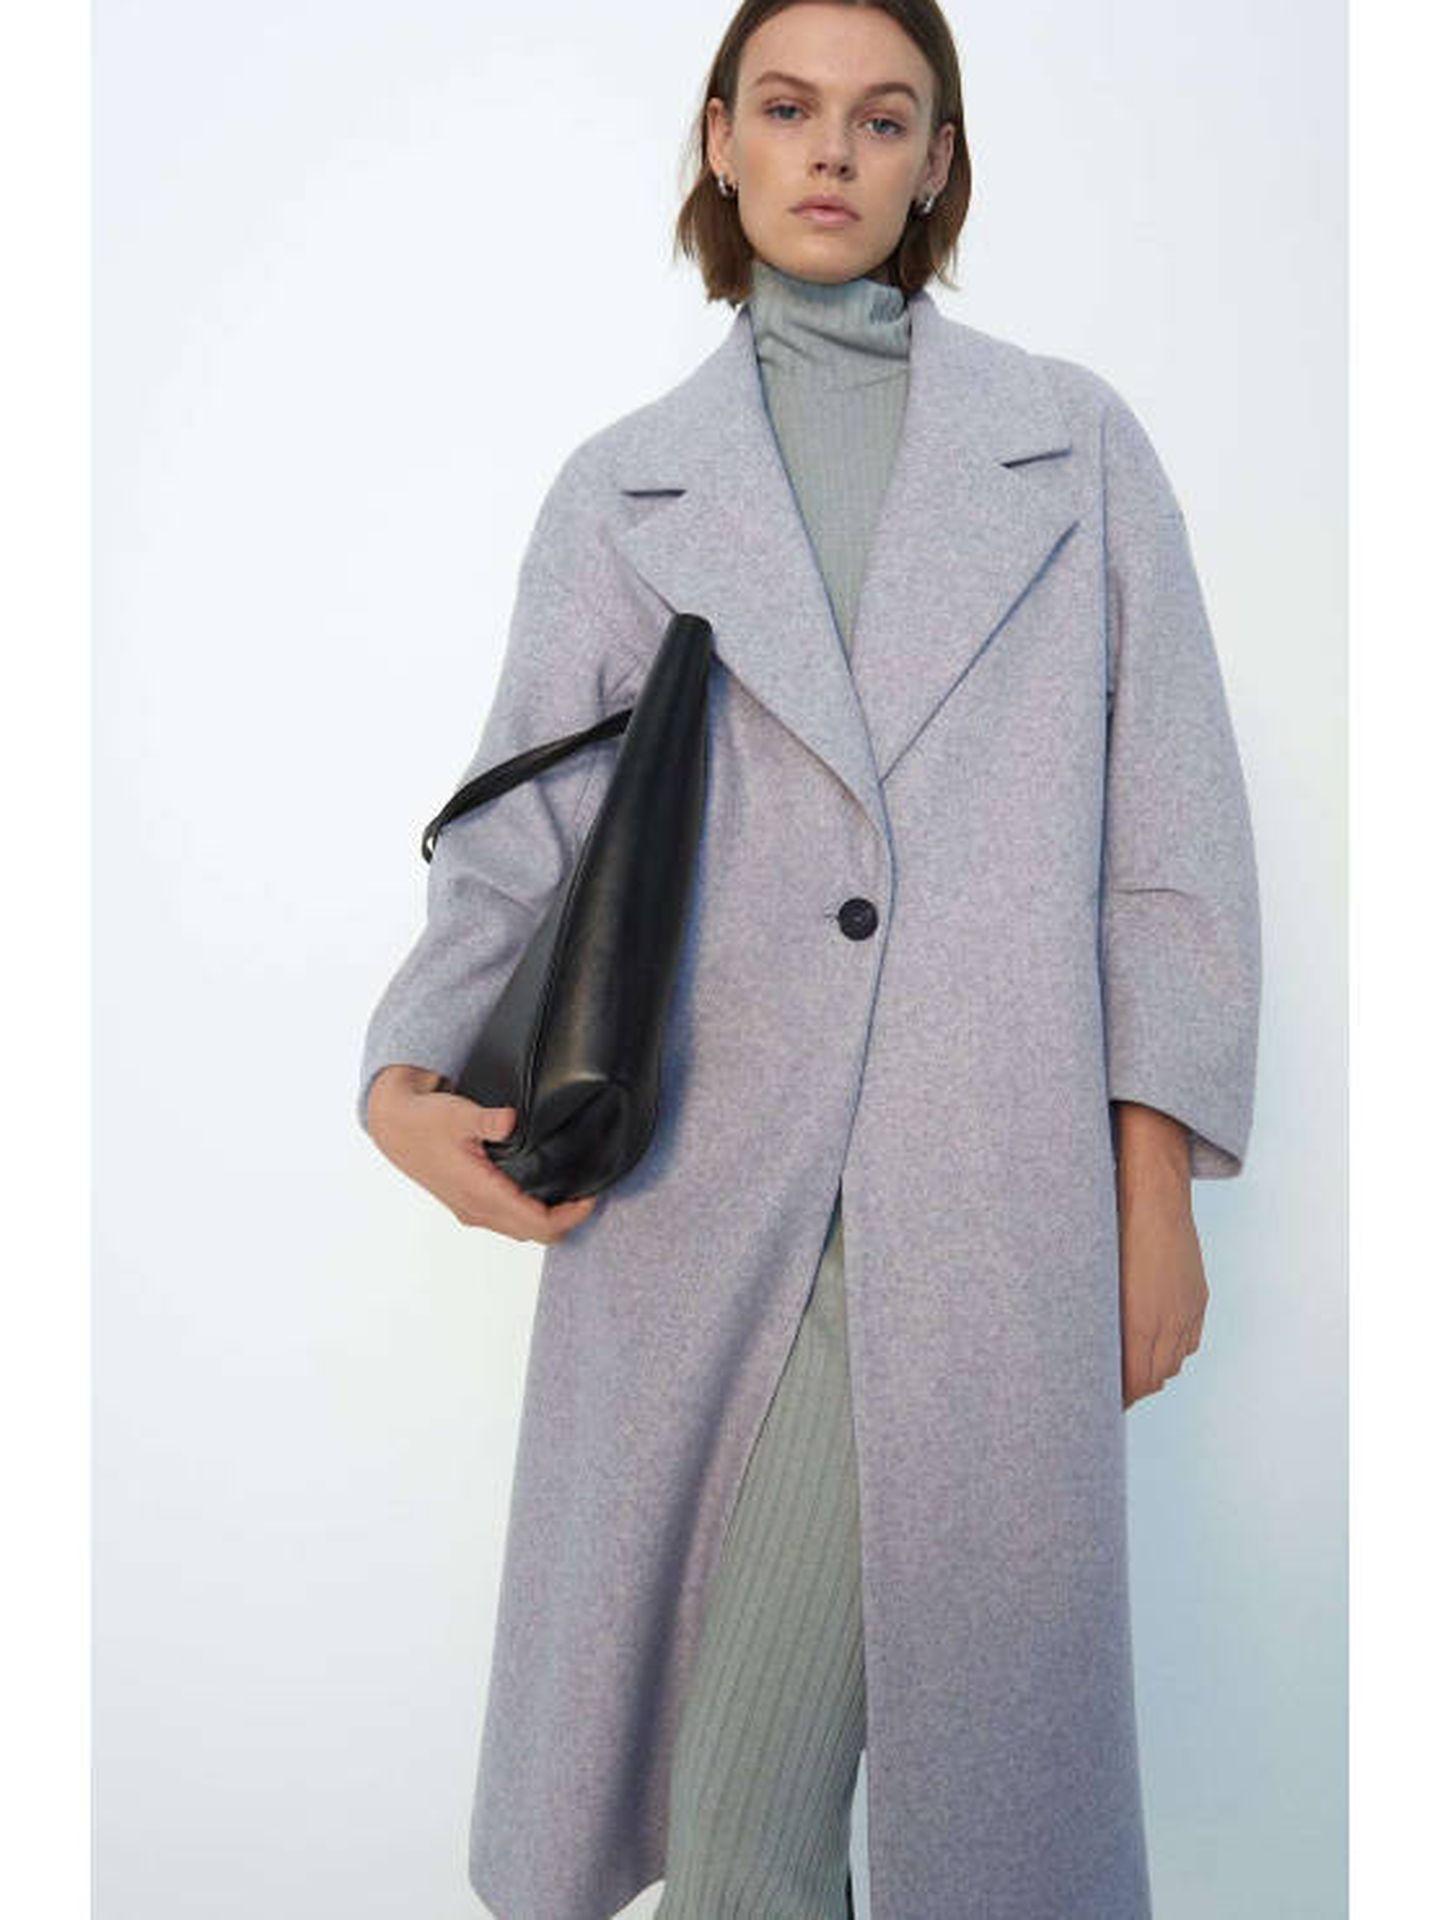 El abrigo de Zara. (Cortesía)